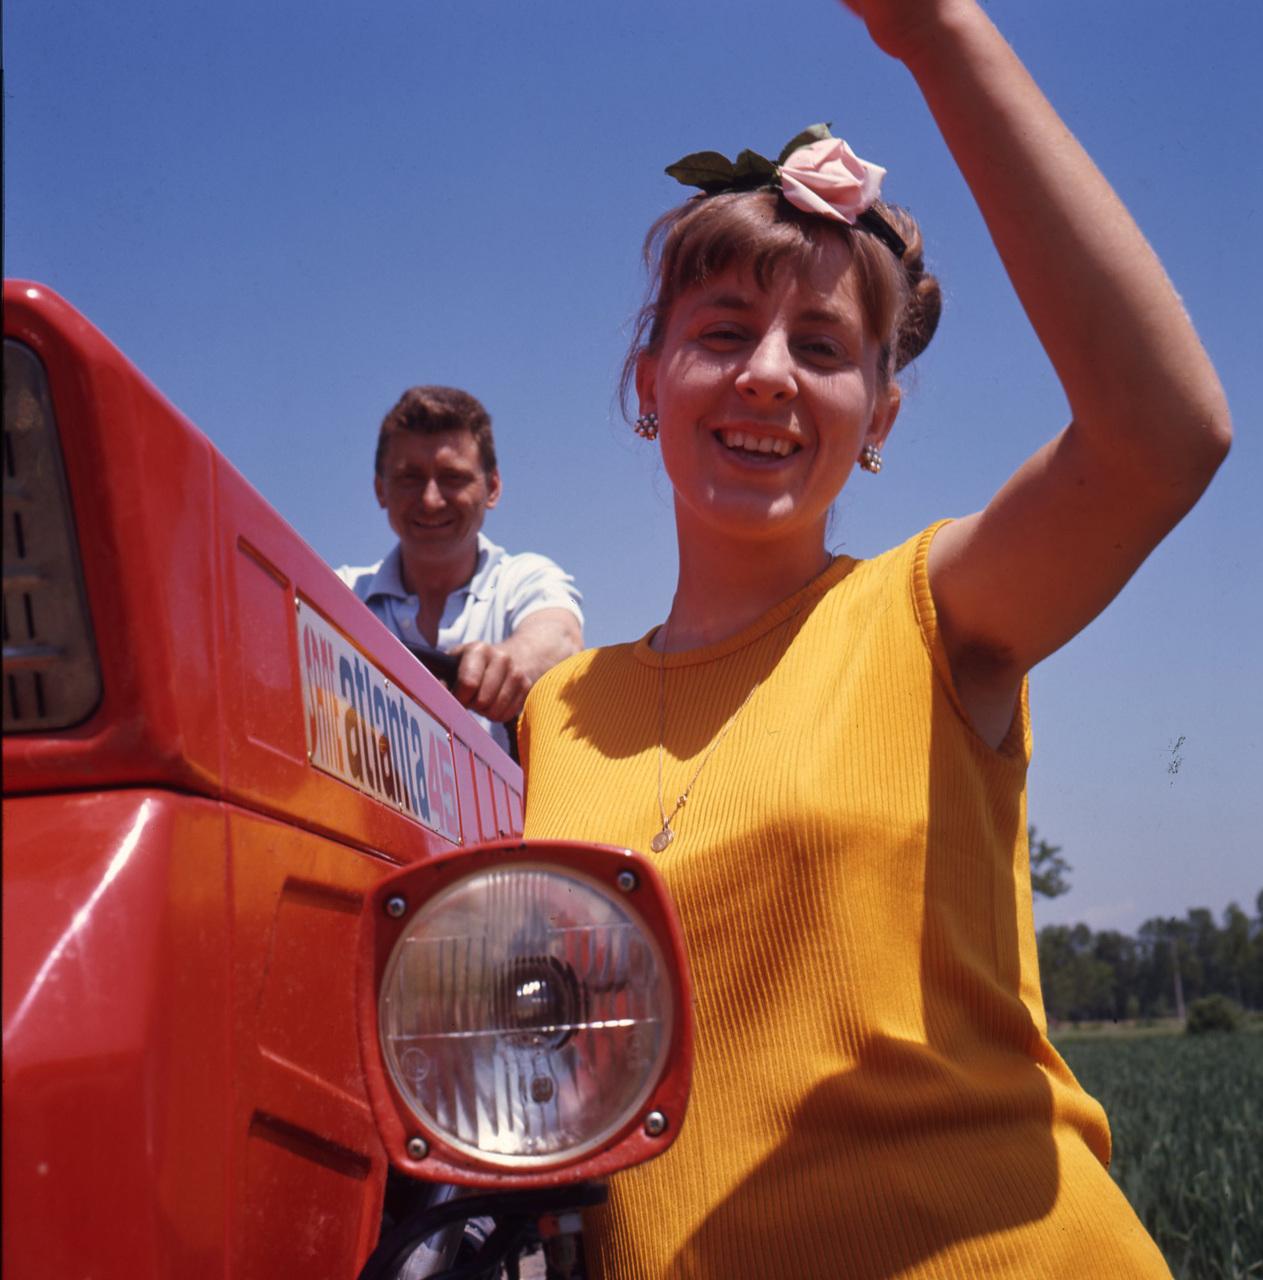 [SAME] trattore Atlanta 45 in un servizio fotografico in campo